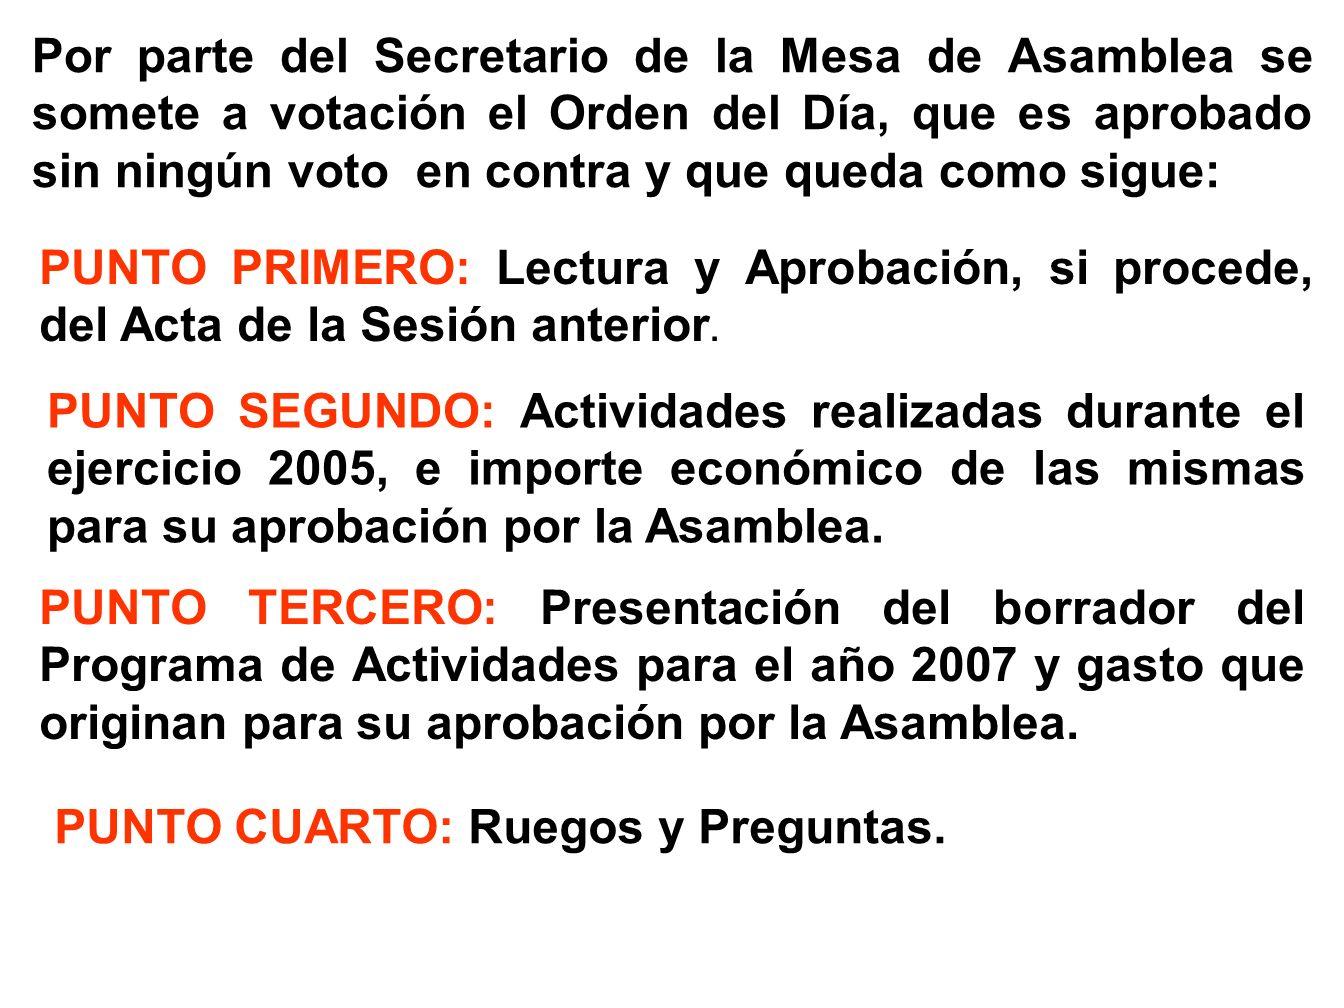 Al no presentarse terna alguna para presidir la Mesa de Asamblea proponen tres socios, D. Pedro Uriel Vinuesa, D. Juan Antonio Martín de las Mulas San